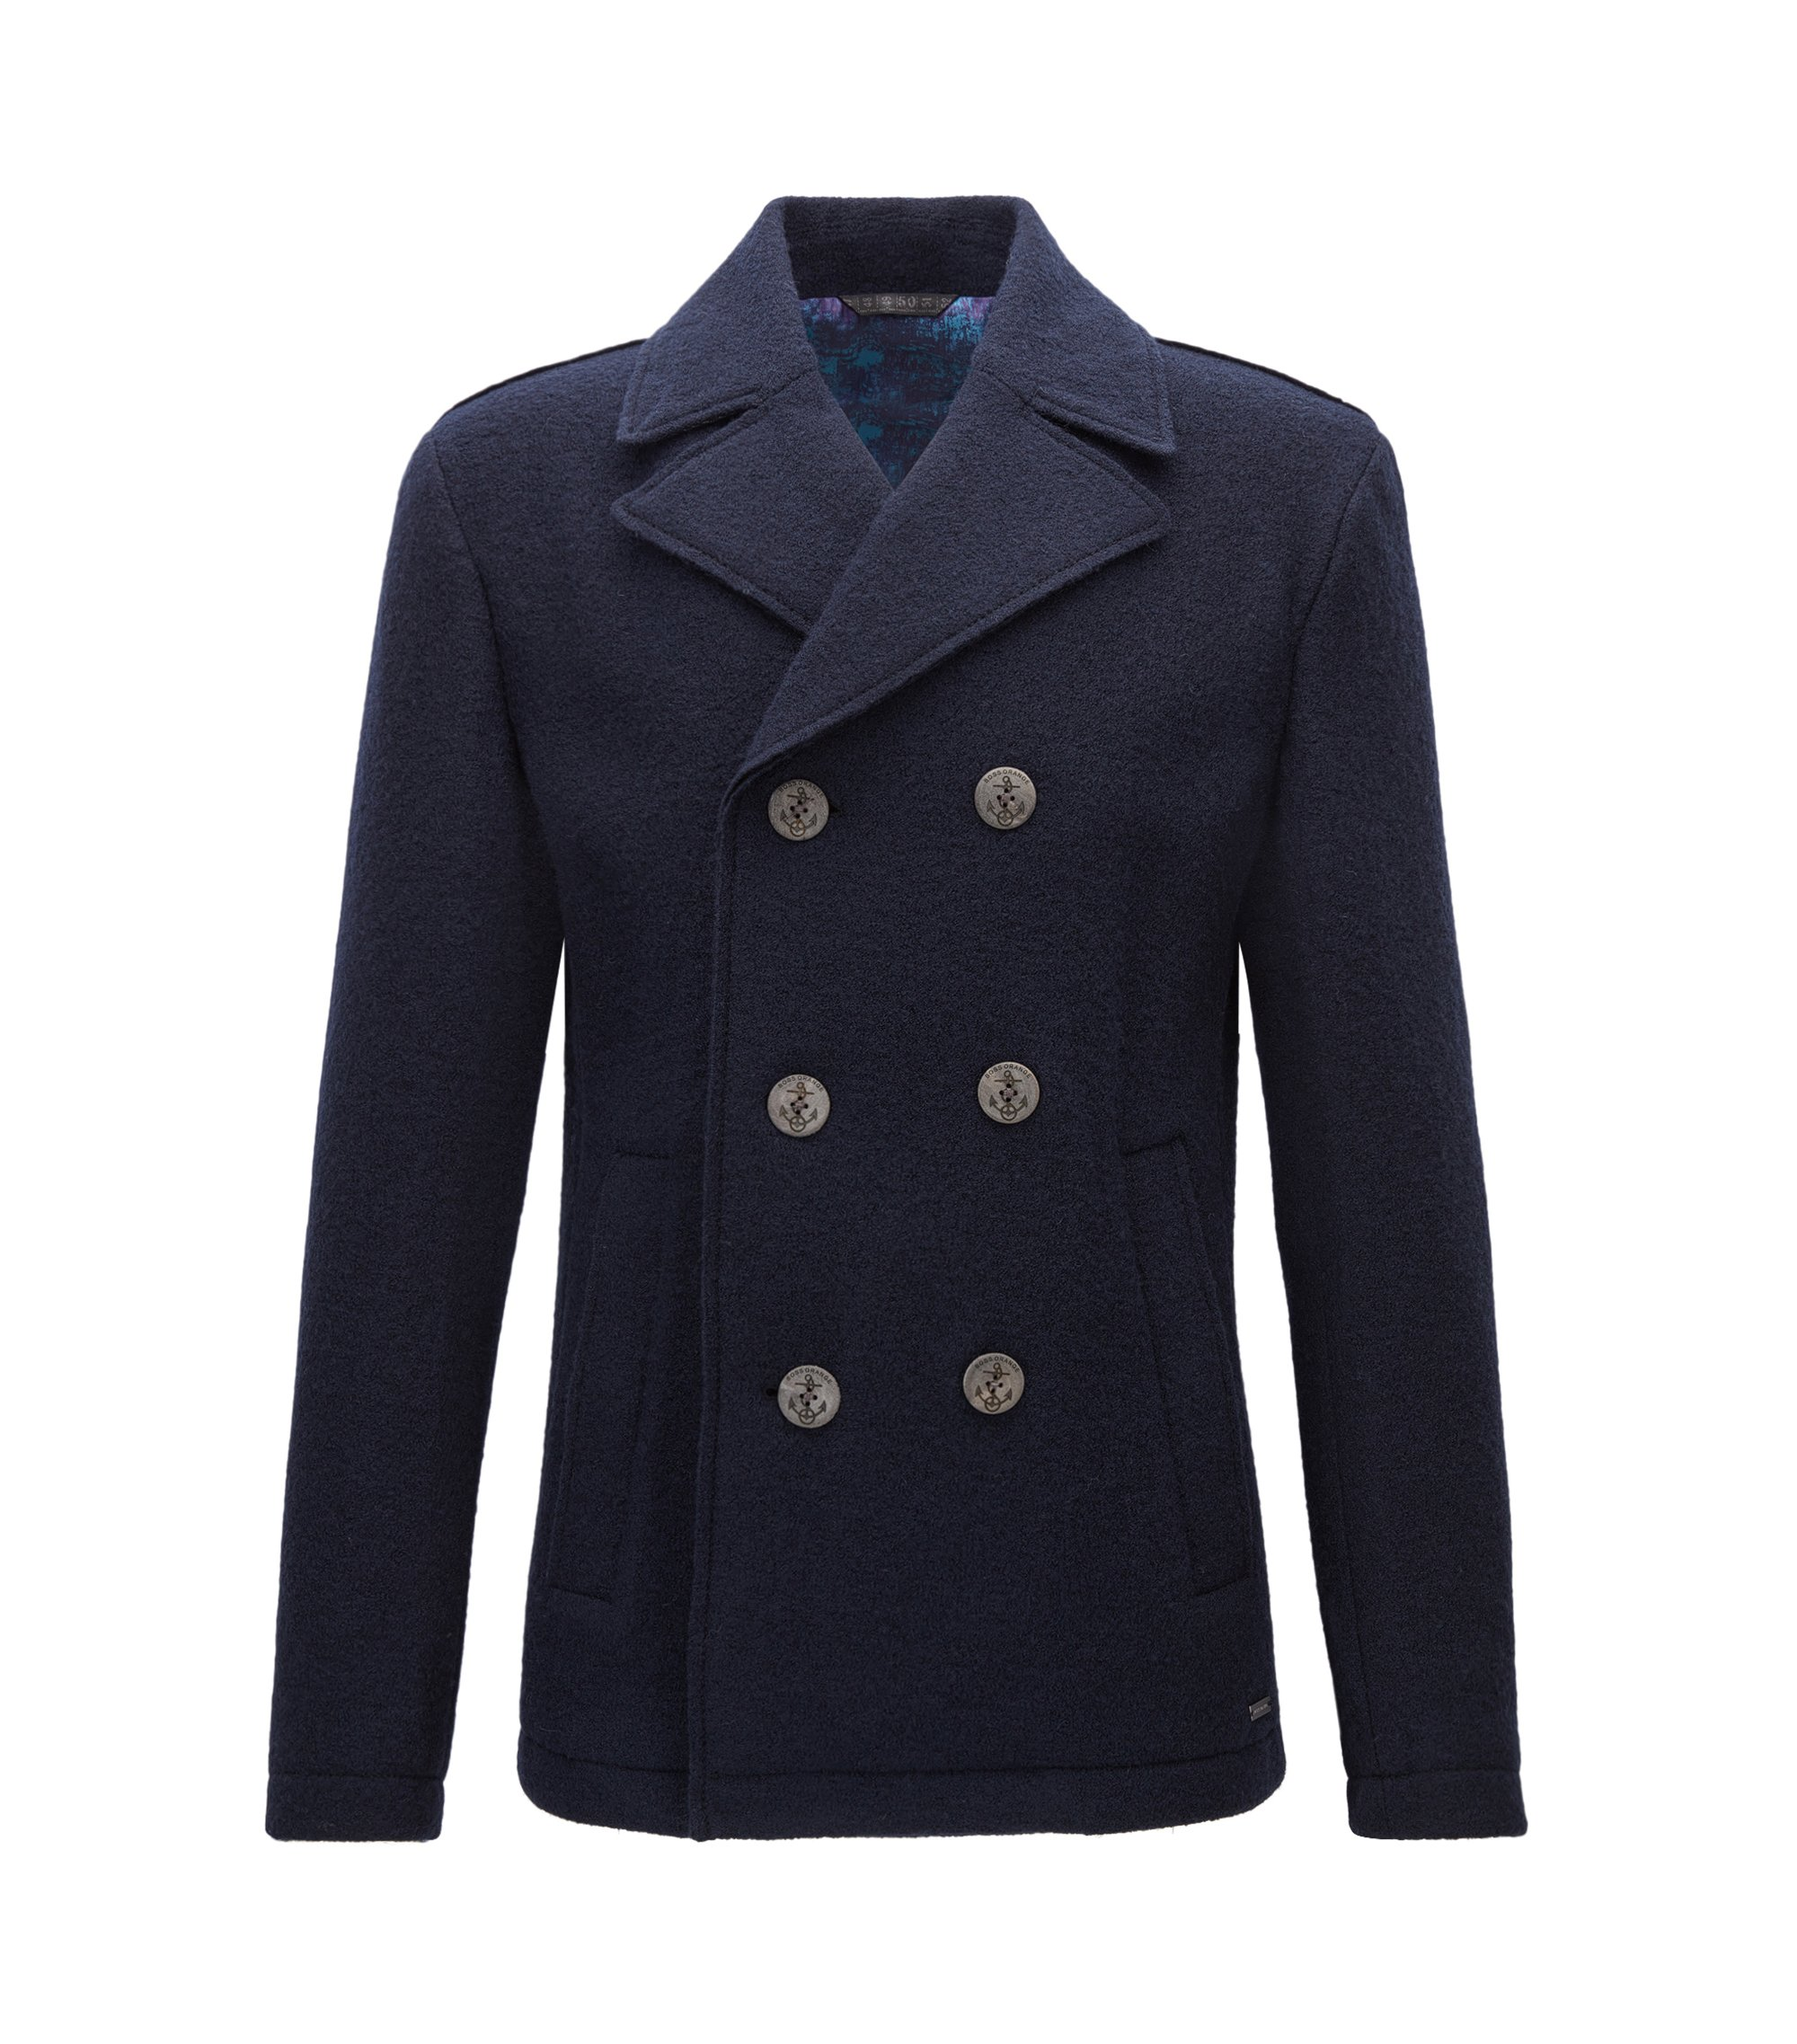 Veste croisée Regular Fit en laine, Bleu foncé